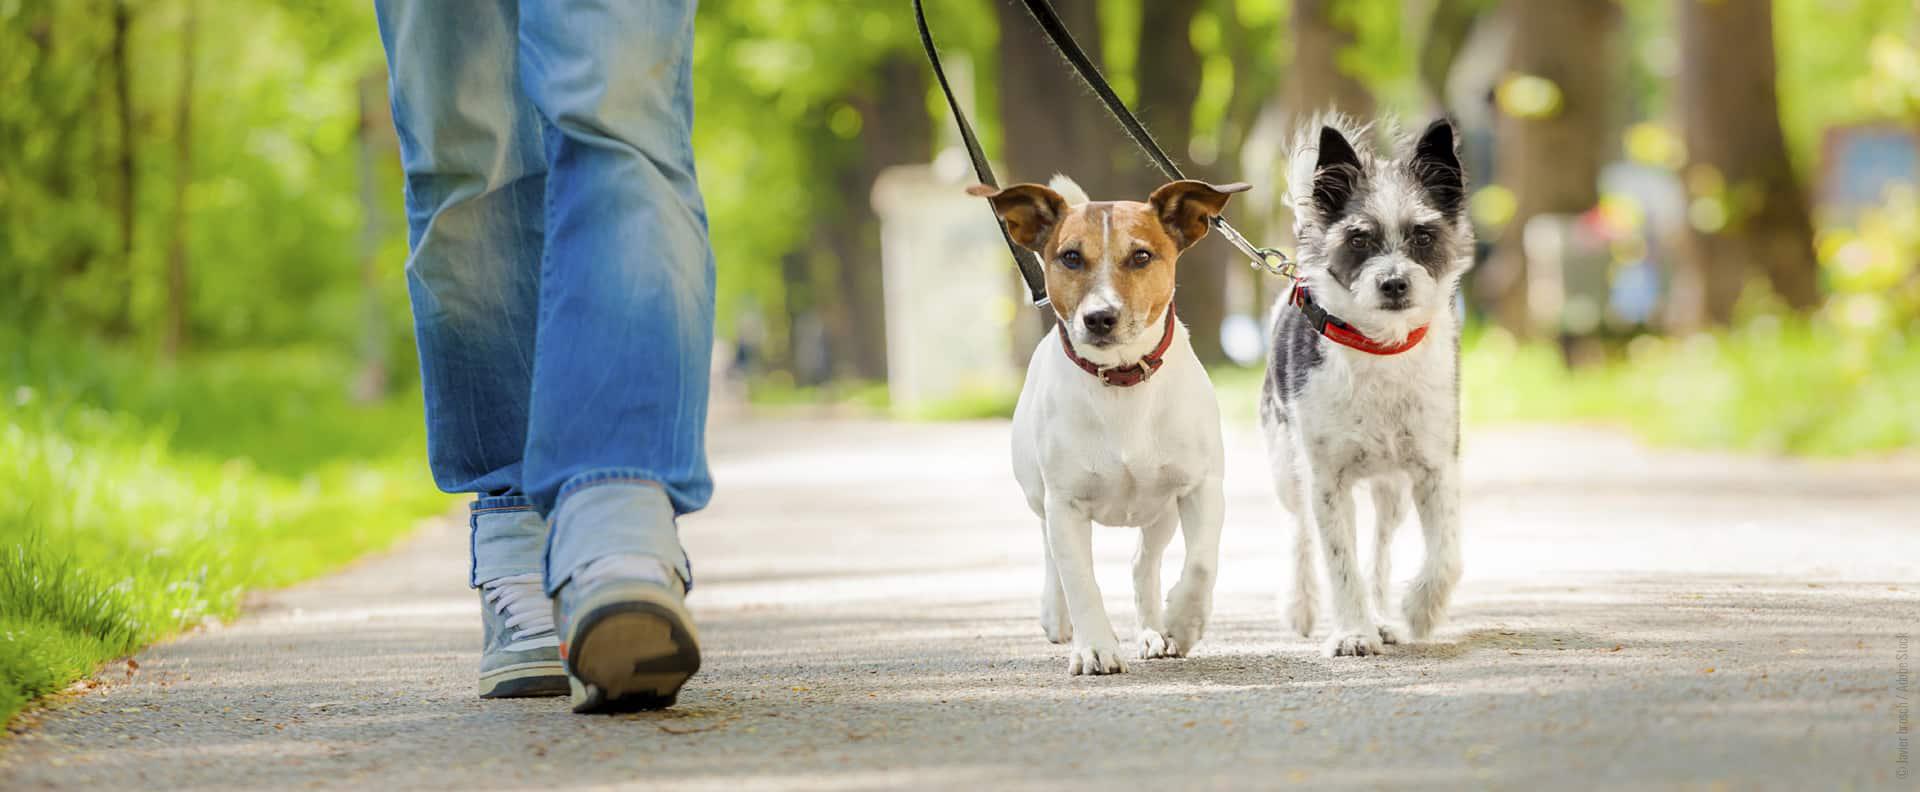 Gassi-Service für Hunde in Köln